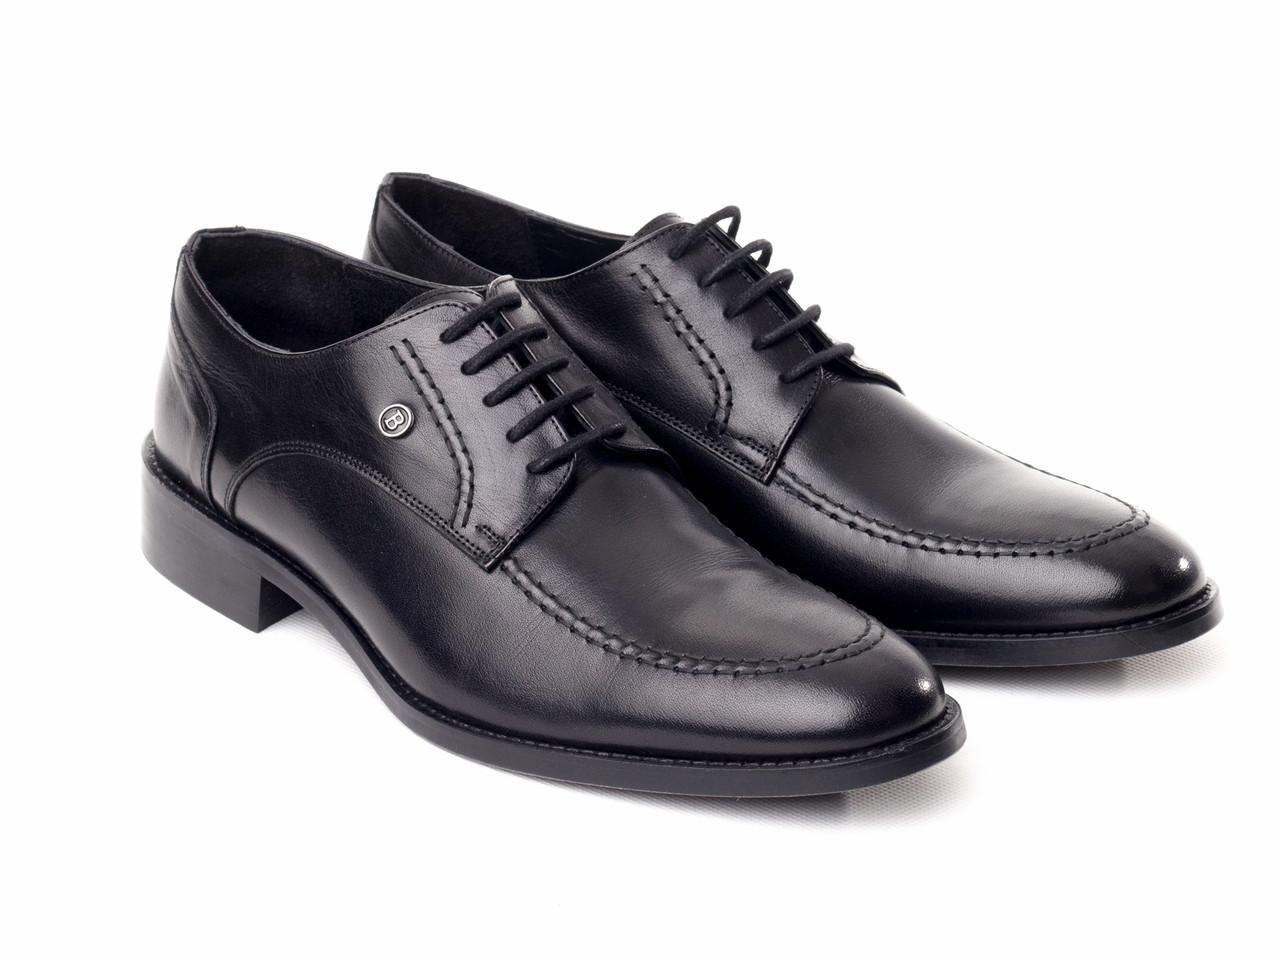 Туфли BERTAN 14082-10278-04-280 45 черные